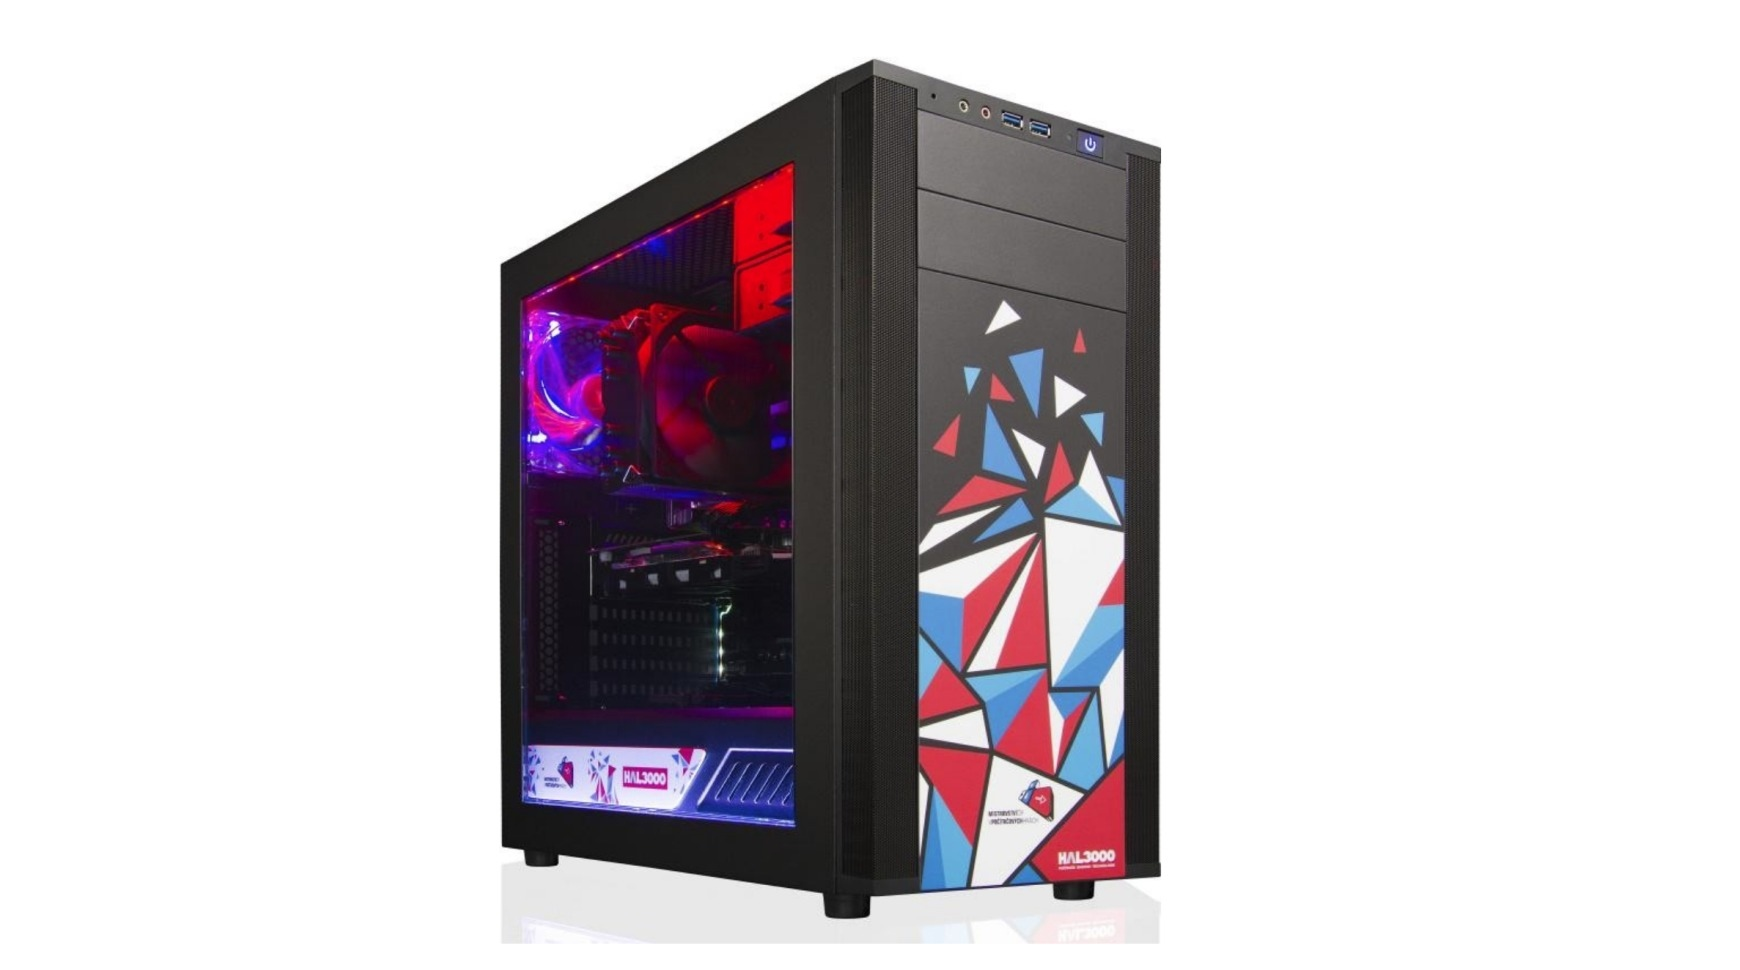 Aký herný počítač kúpiť na jeseň 2018  PC desktopy do 500 7b077b8396e